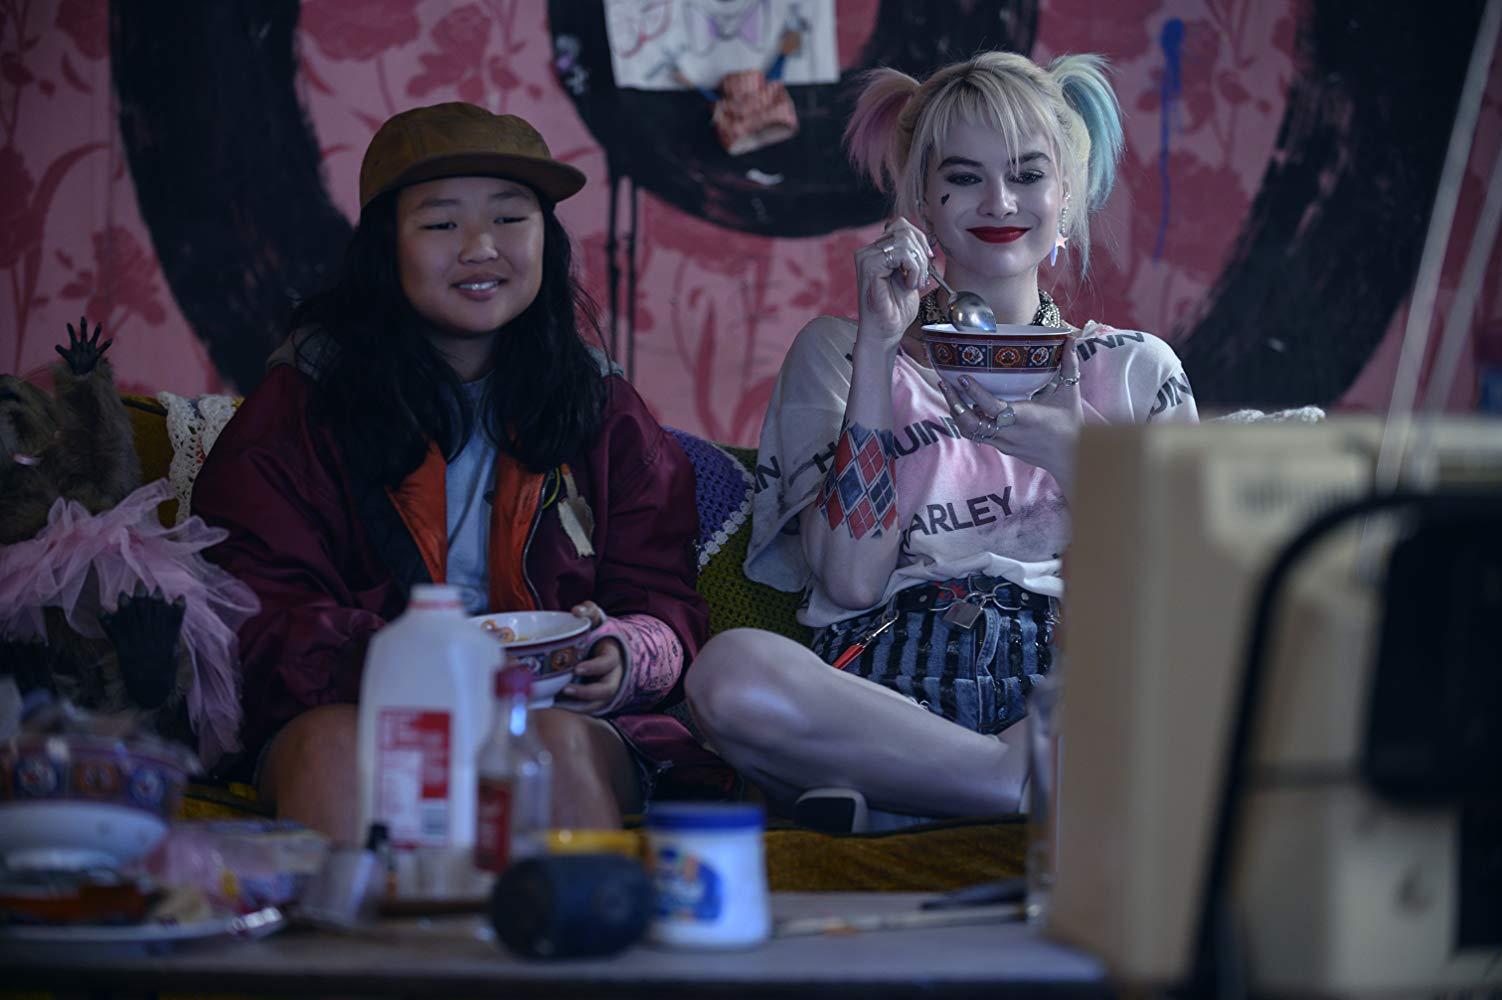 微雷影評/女生都該看的「女權解放」巨作 擺脫小丑讓大家認識「哈莉奎茵」!